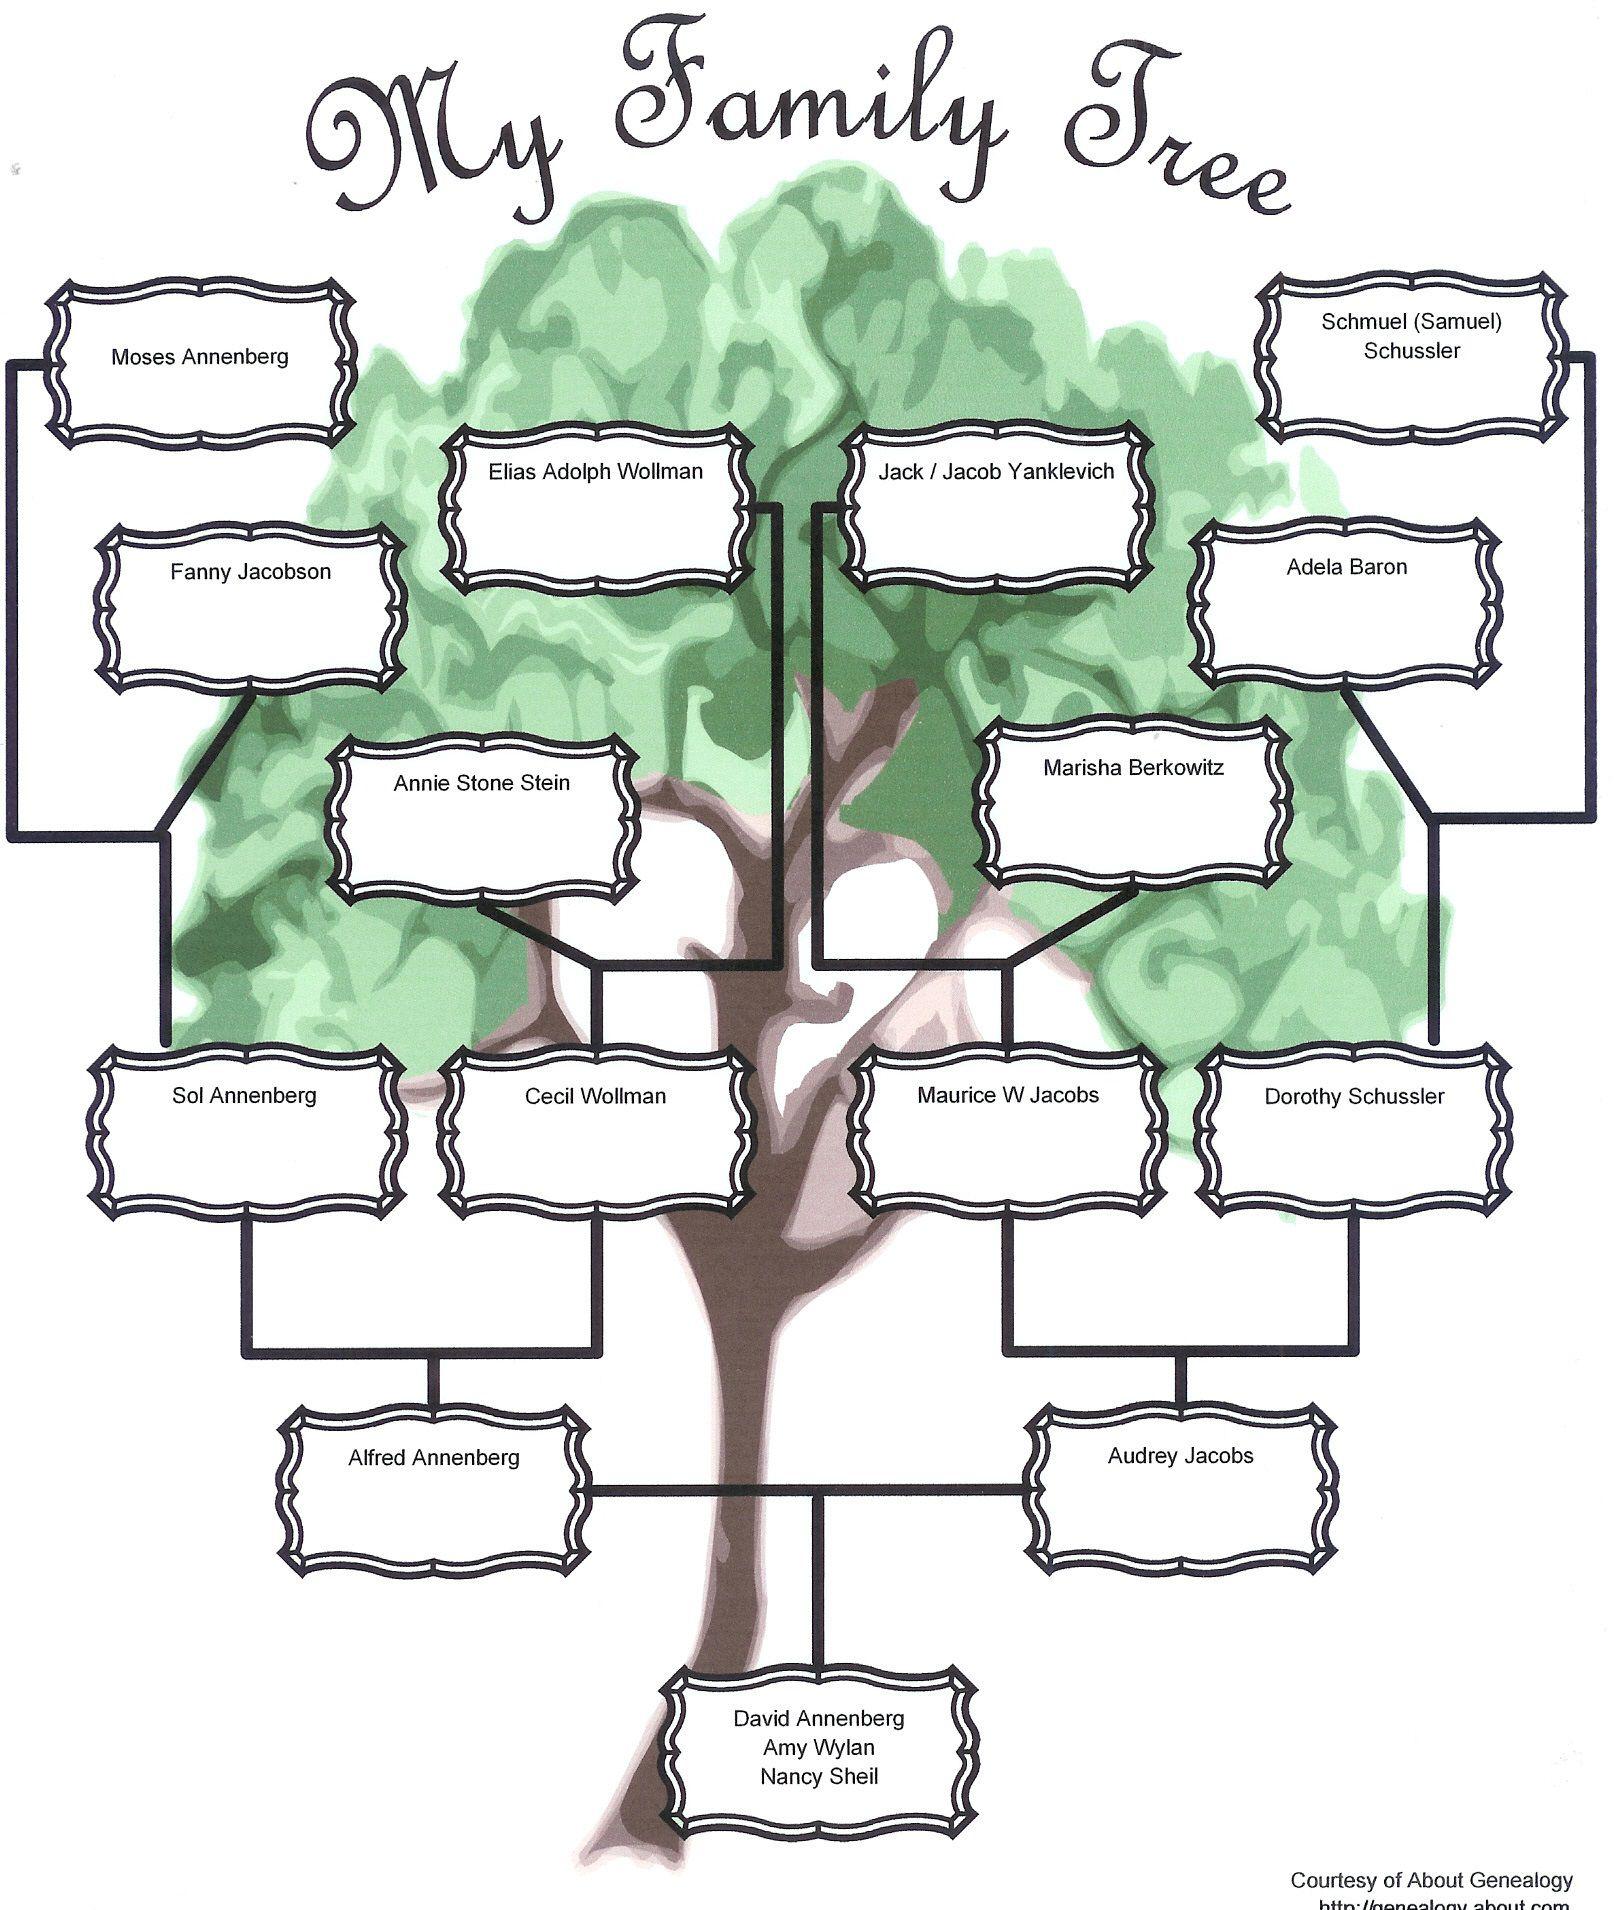 005 Impressive Editable Family Tree Template Online Free Design Full